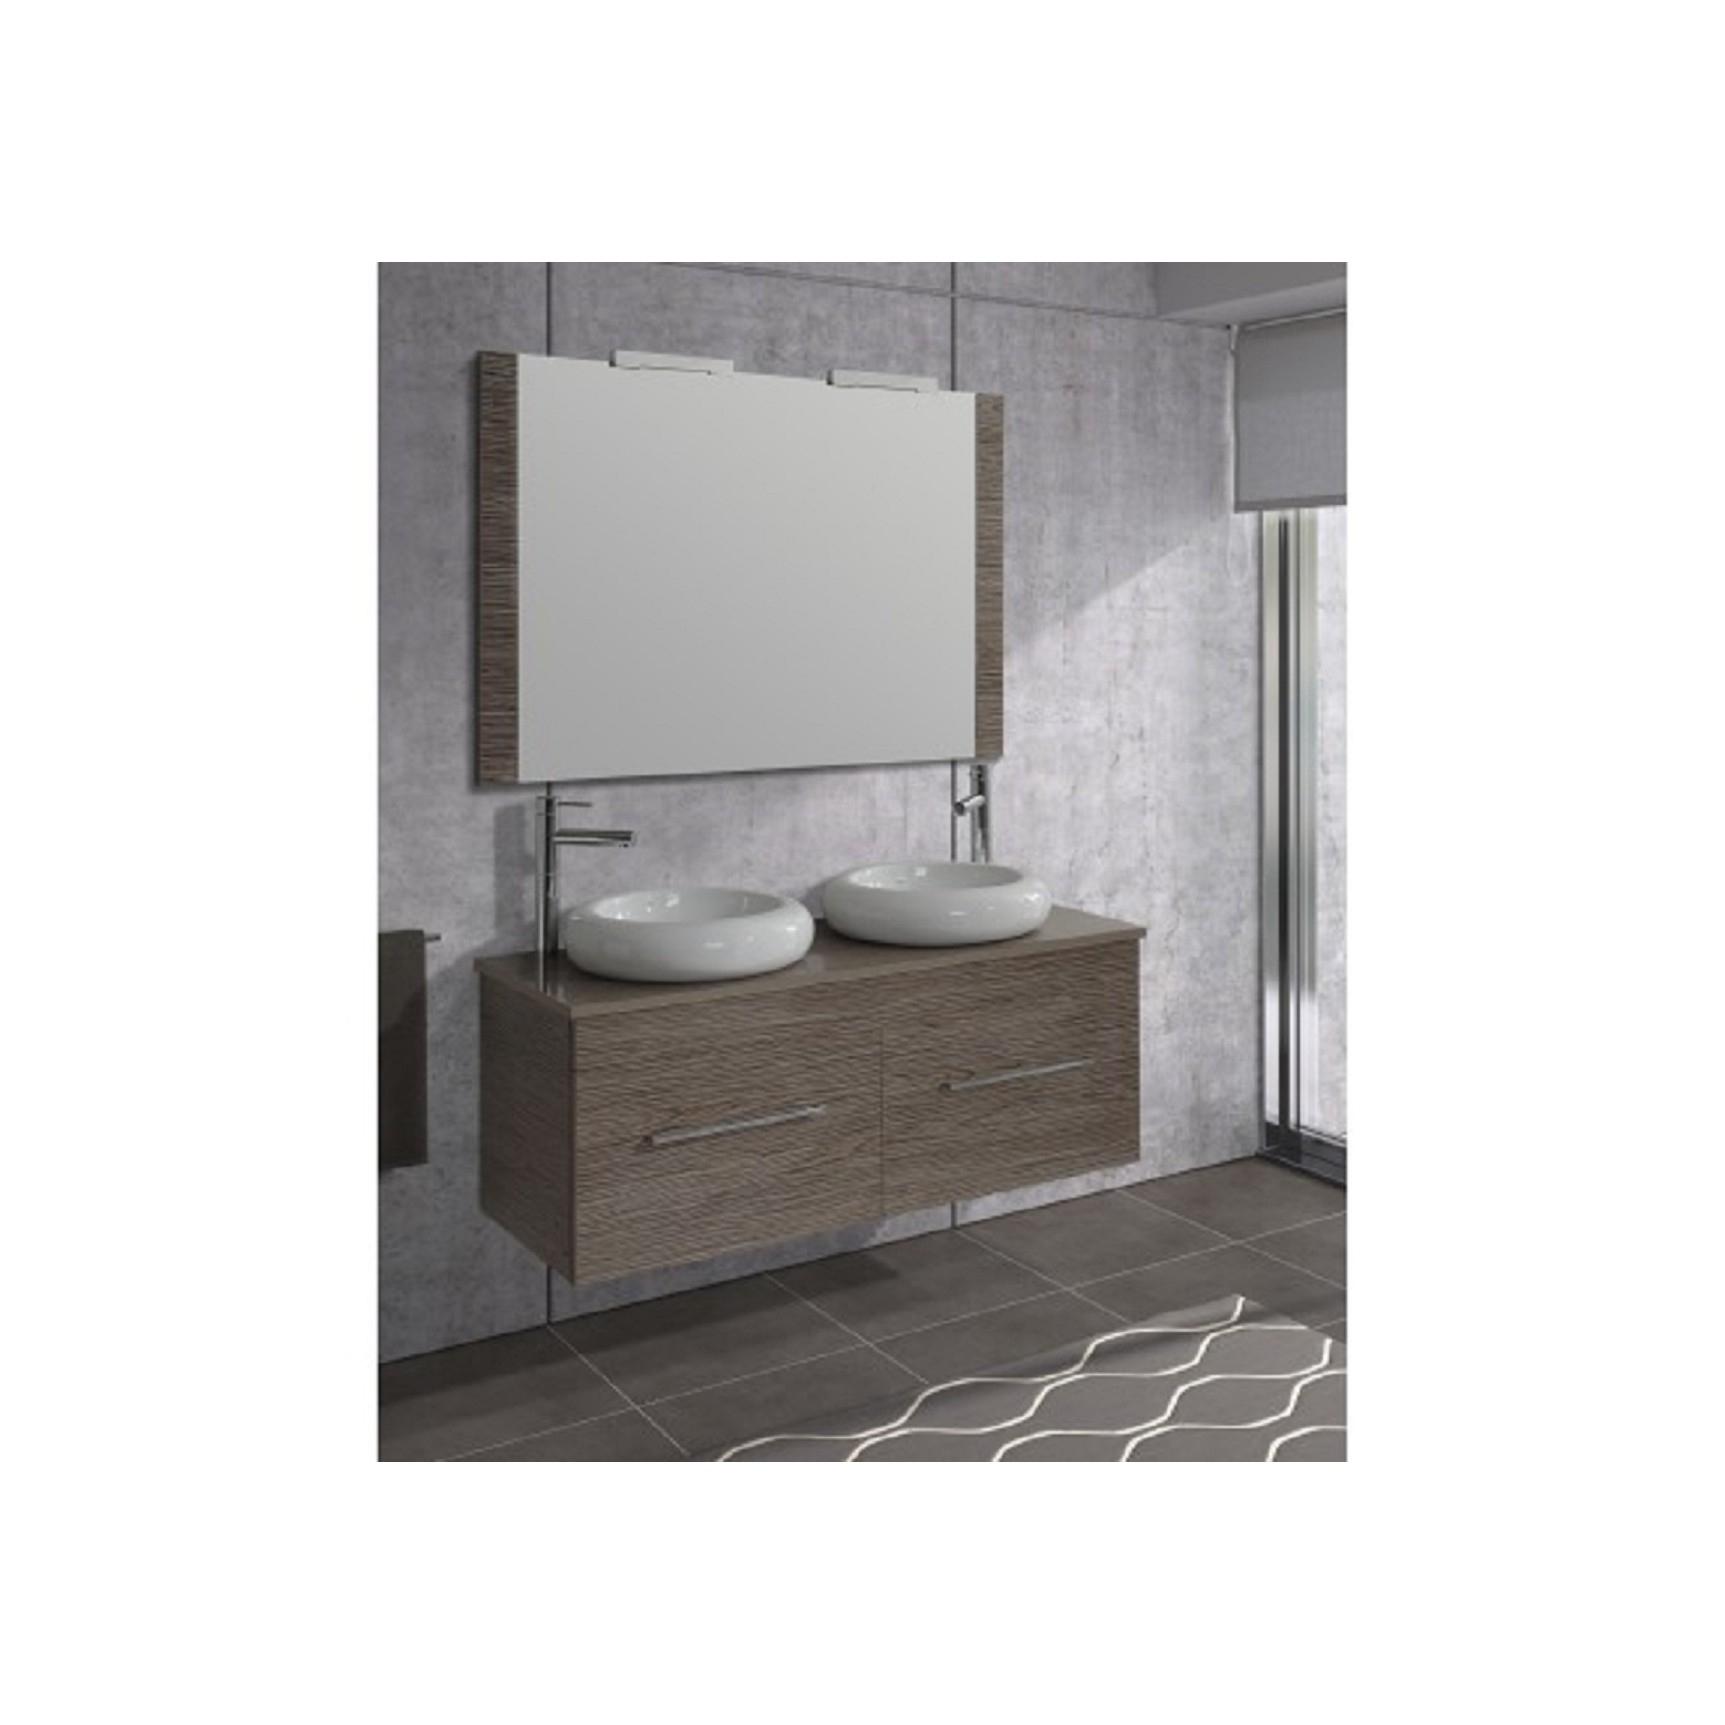 Vasque à Poser Ikea Frais Photos Meuble Pour Vasque 32 Dsc 0350